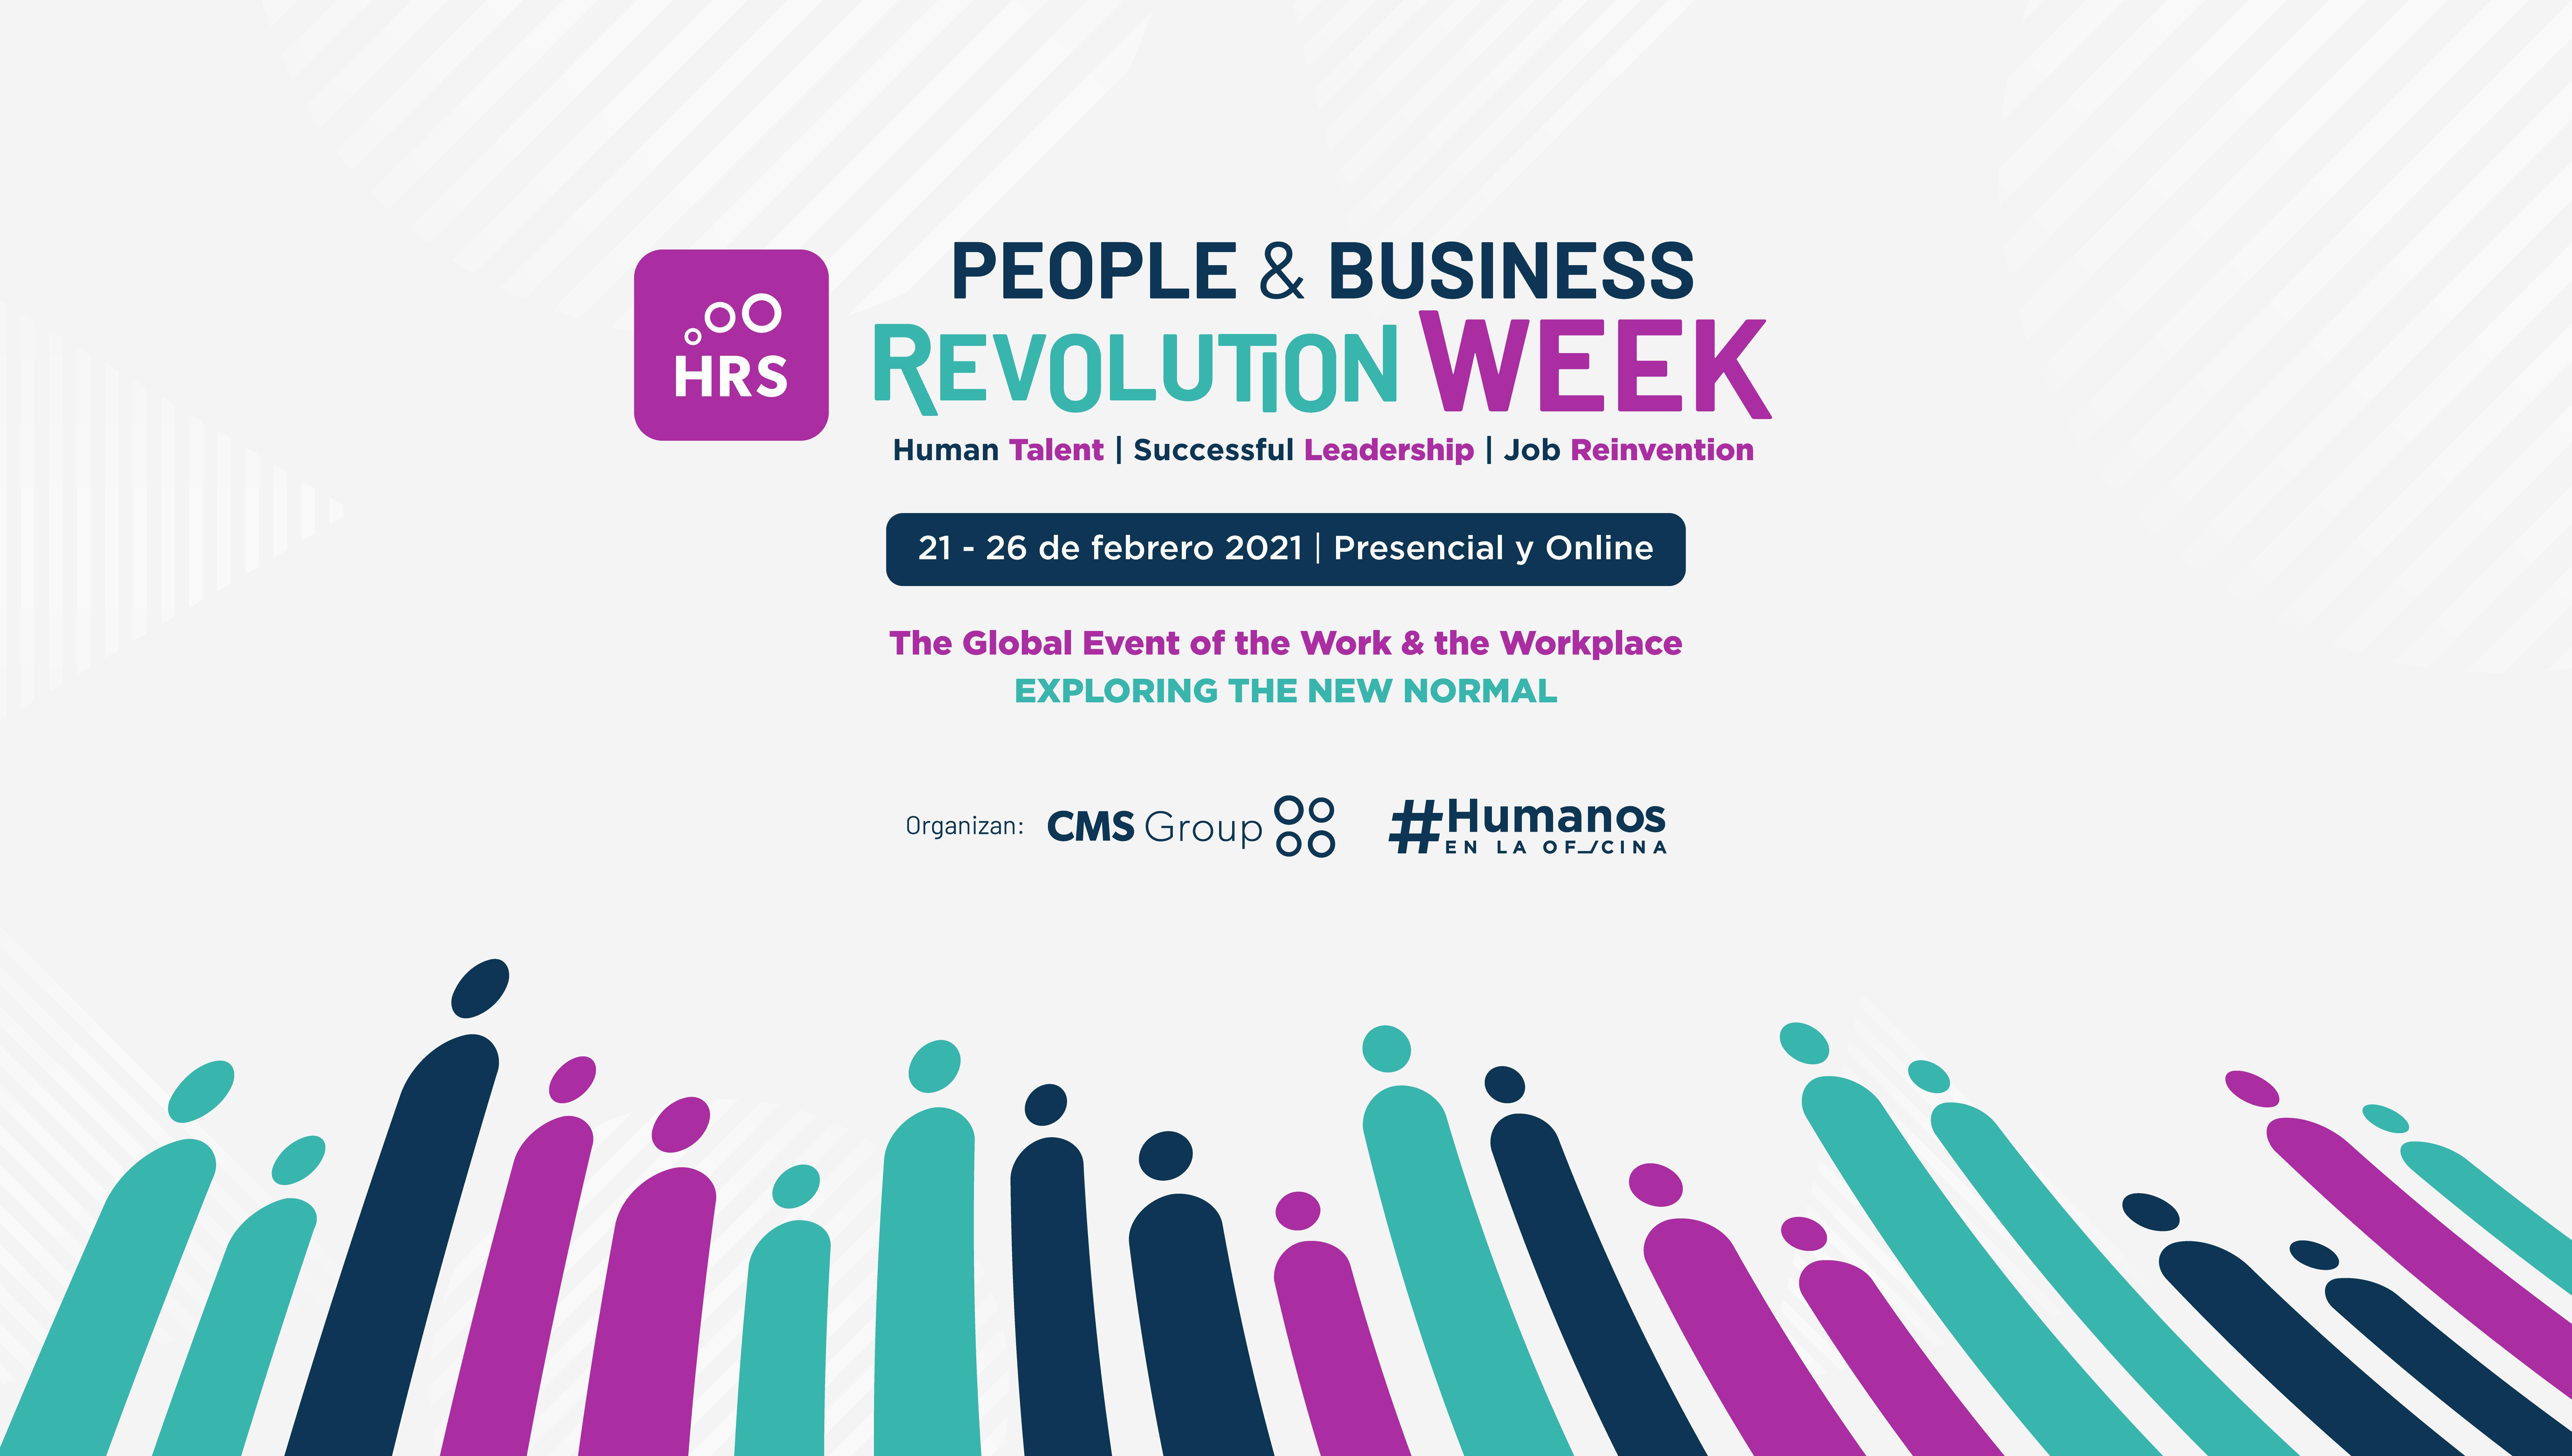 People-Business-Revolution-2021-Un-evento-producido-por-Humanos-en-la-oficina-y-CMS-Online-y-Presencial.png